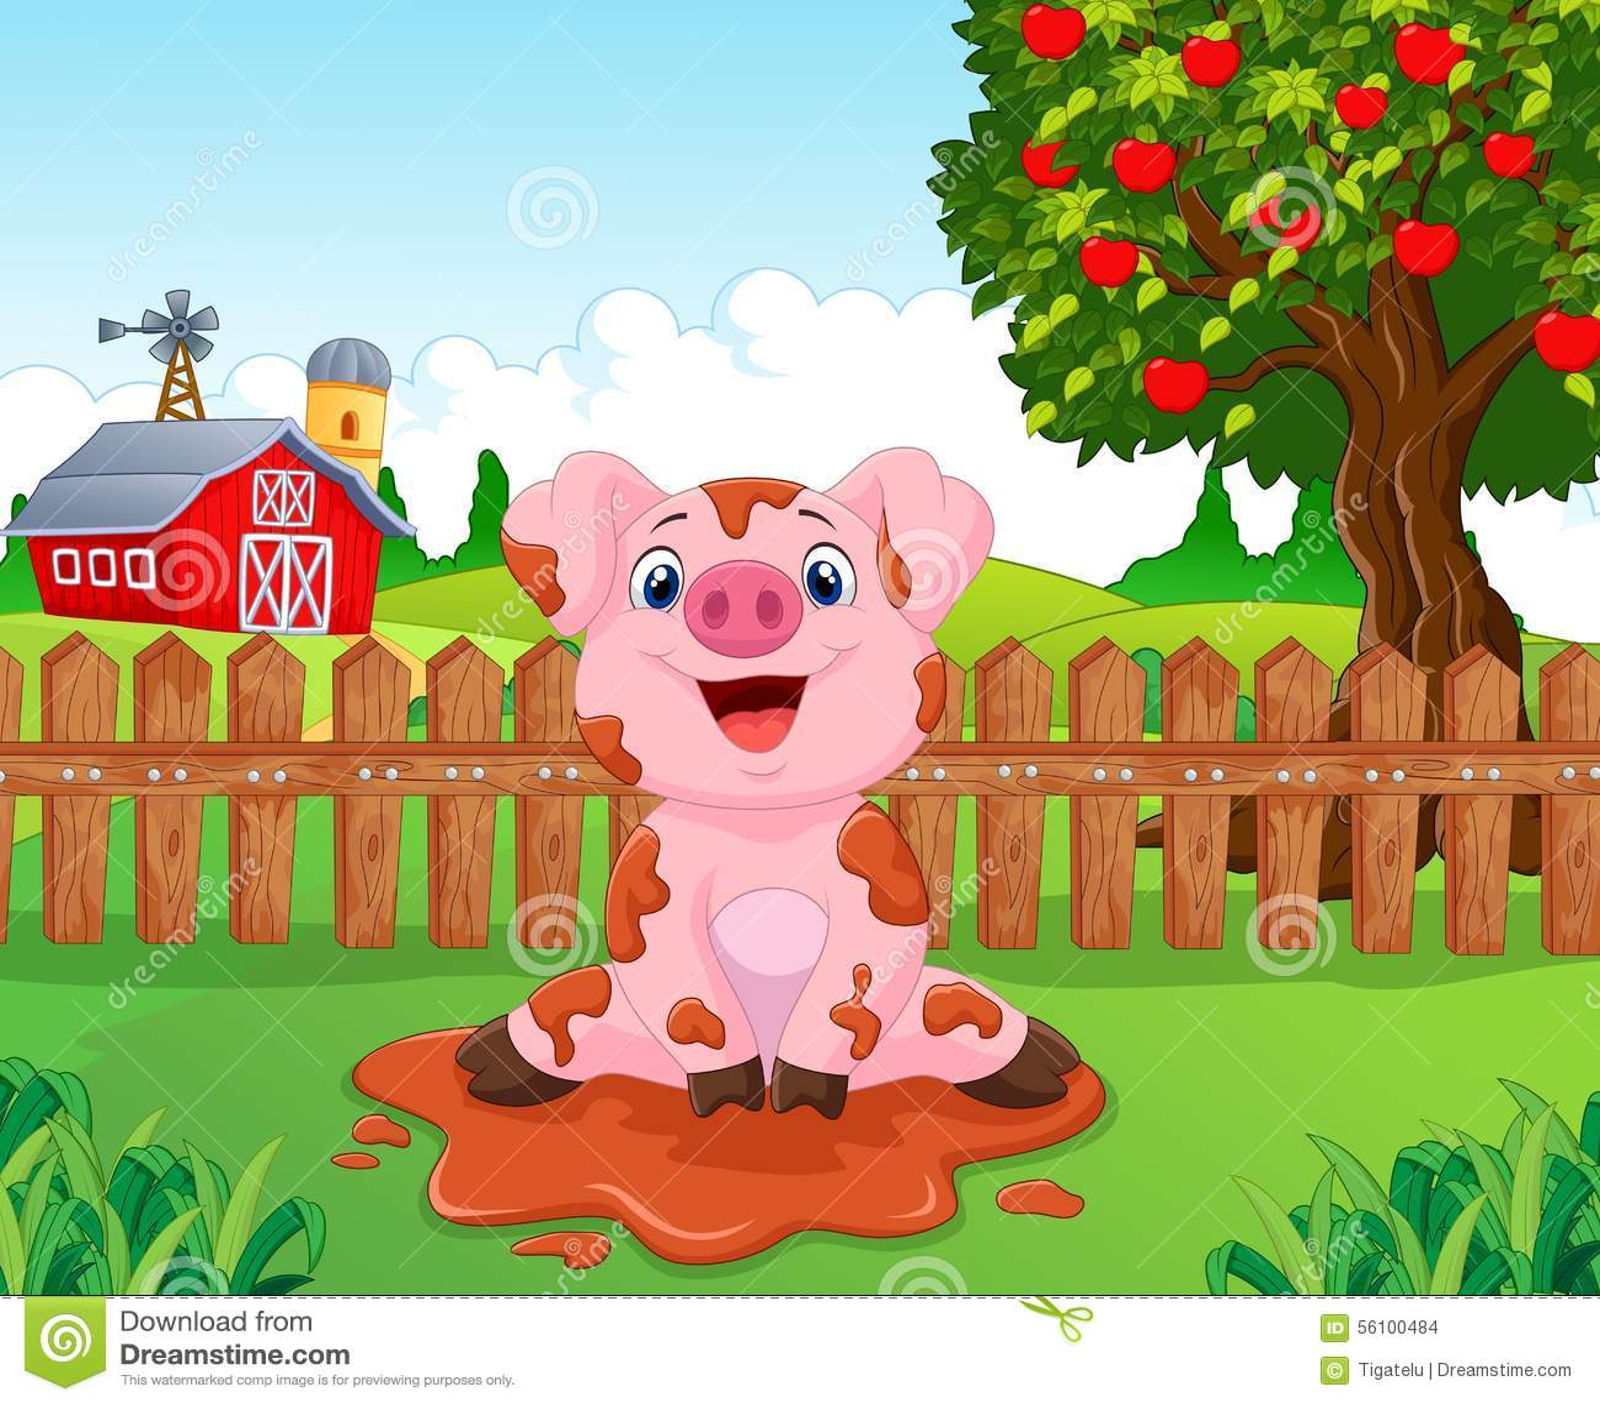 Garden Cute Cartoon: Cartoon Cute Baby Pig In The Garden Stock Vector